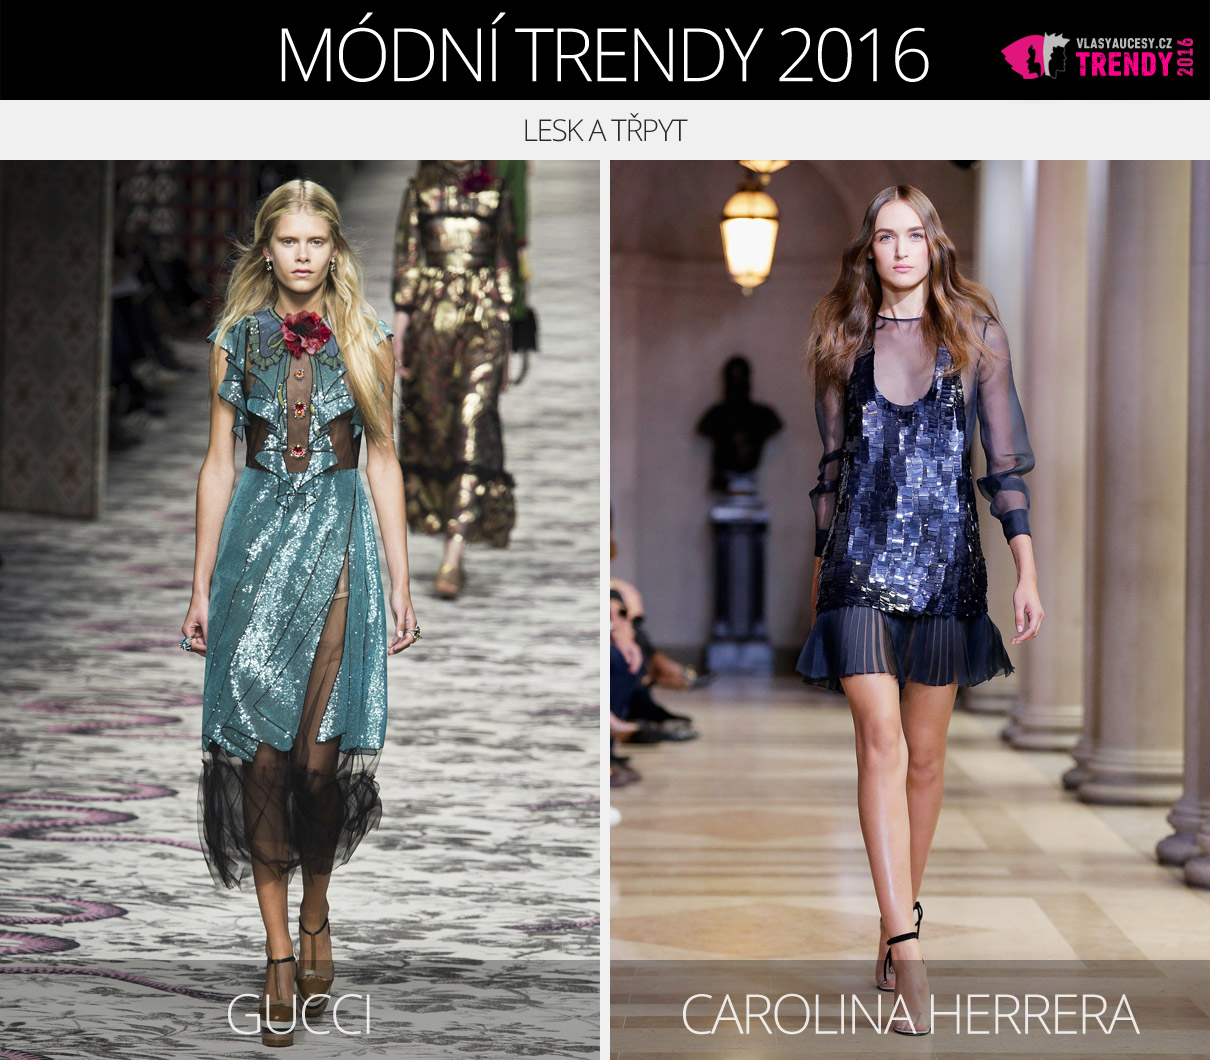 Módní trendy 2016 – lesk a třpyt. (Zleva: Gucci a Carolina Herrera.)